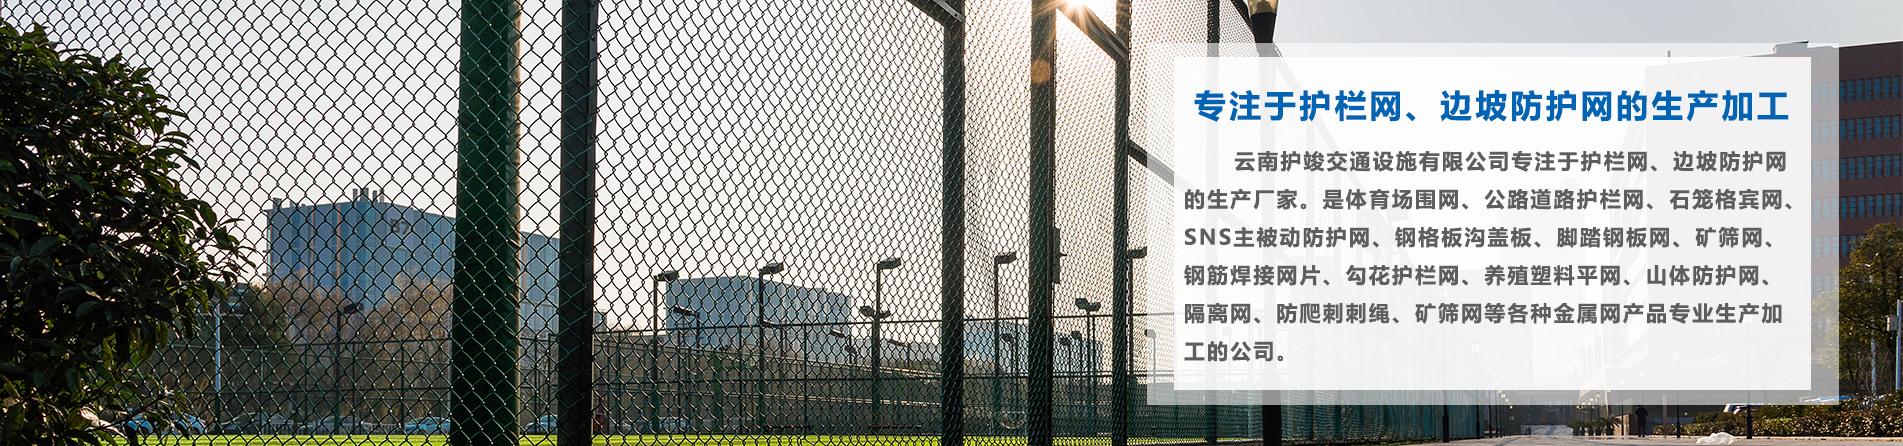 边坡护栏网生产加工